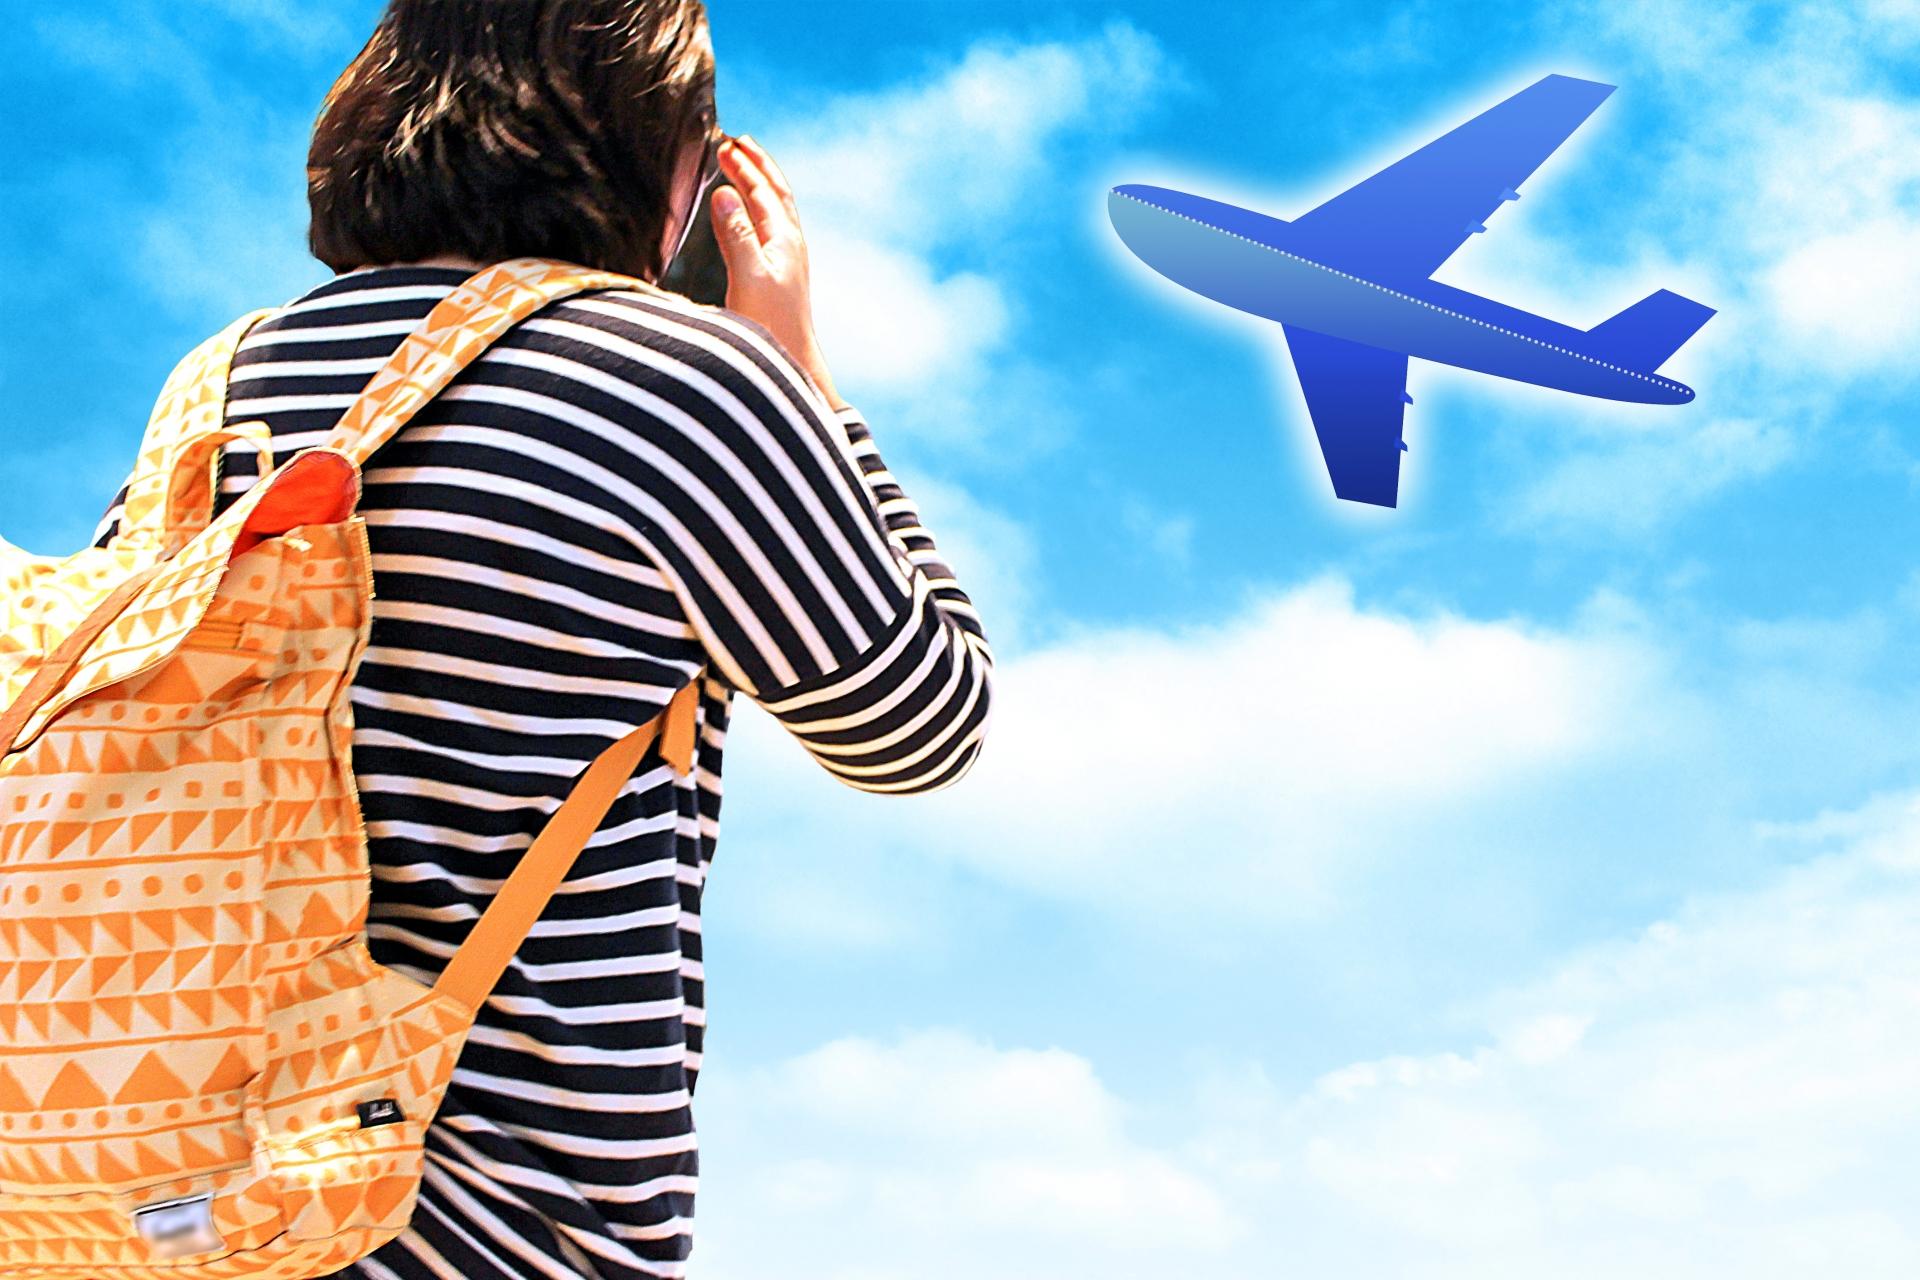 彼女や彼氏が留学で不安?遠距離でも恋愛を続けるコツ